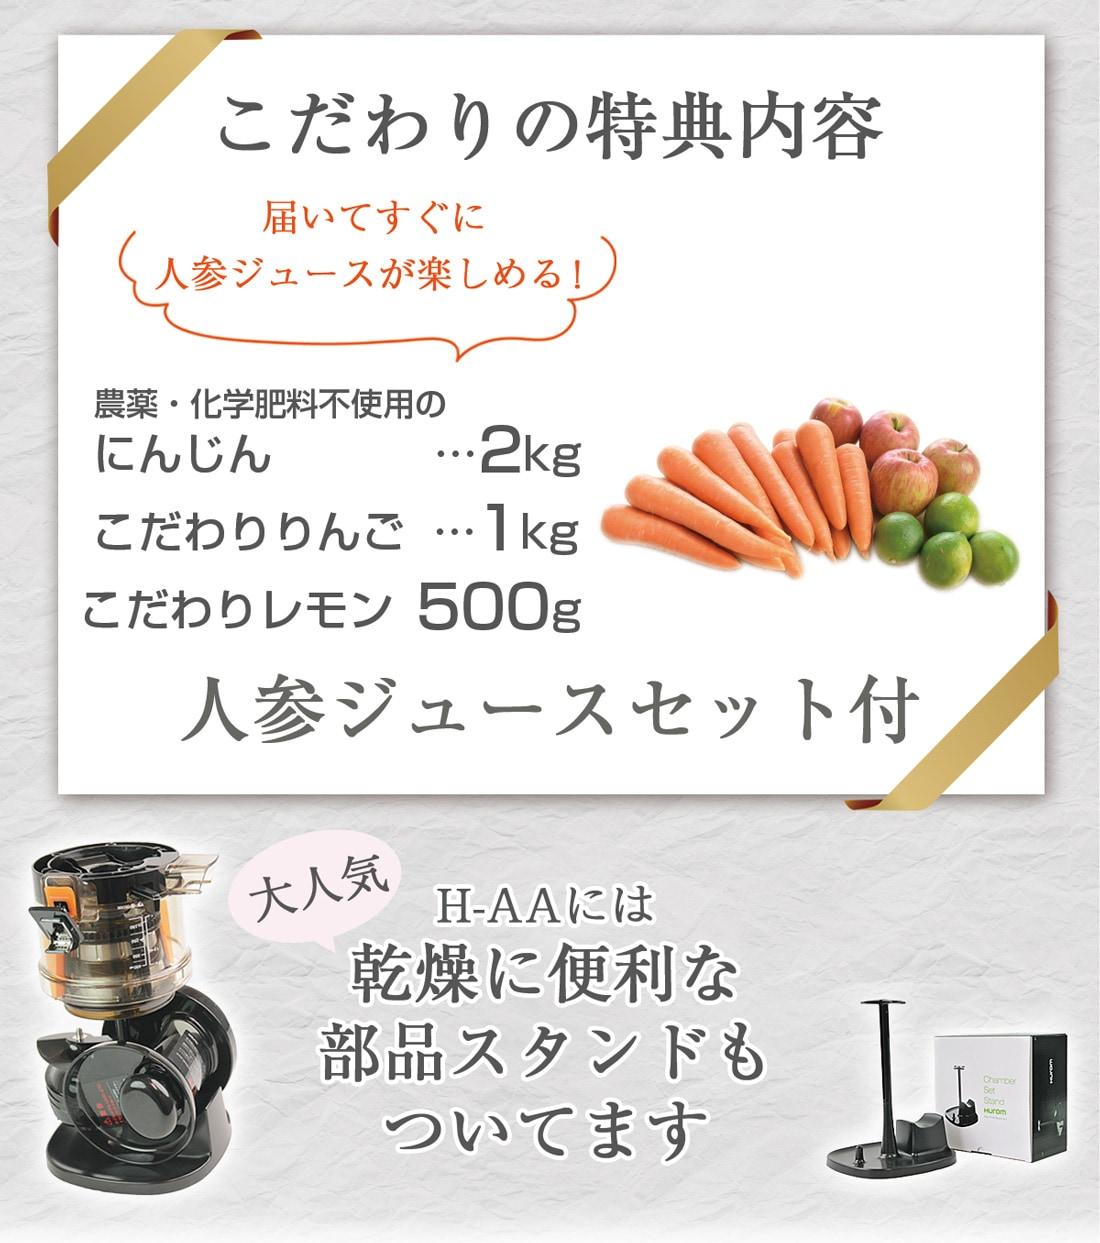 ピカイチ野菜くんオリジナル特典